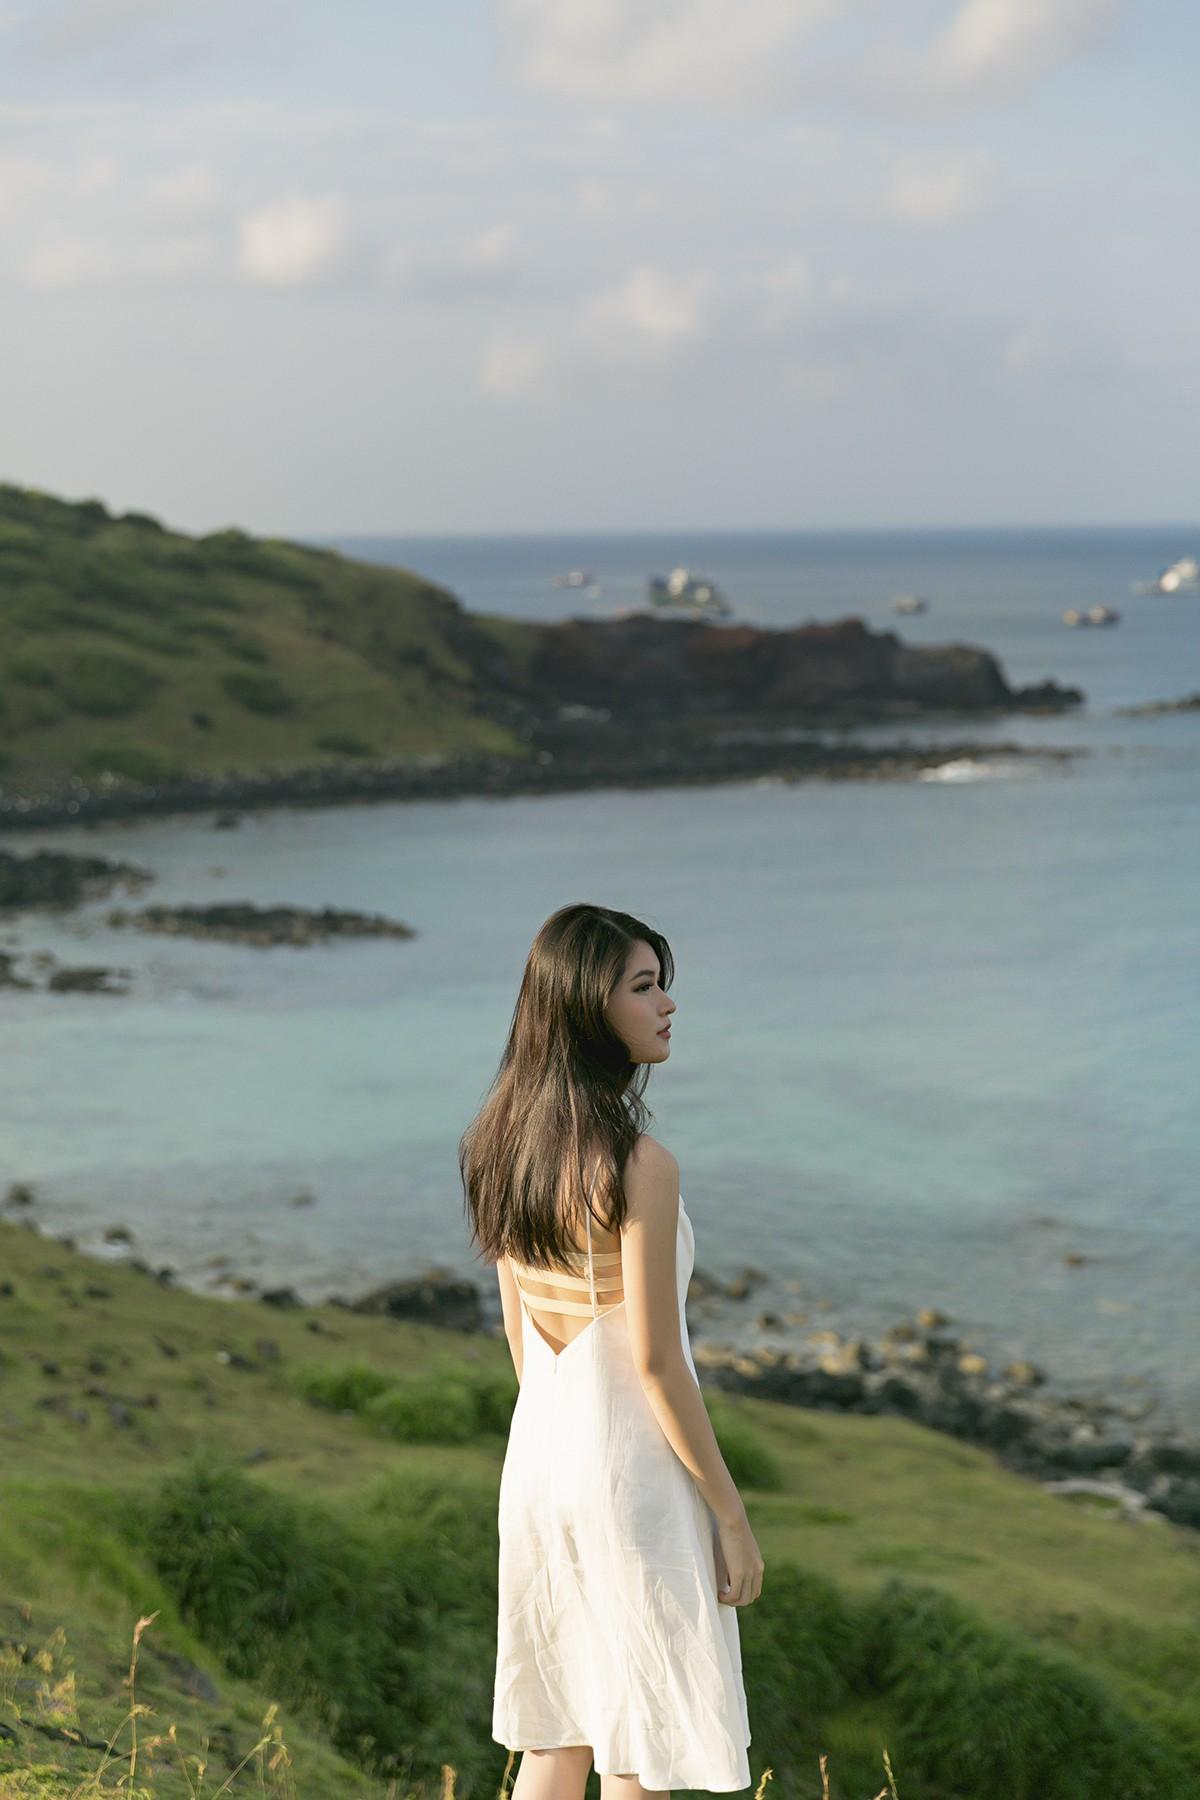 Không chỉ giỏi tiếng Anh, Thùy Dung còn trổ tài hát tiếng Nhật trong clip quảng bá vẻ đẹp biển đảo Việt Nam - Ảnh 7.